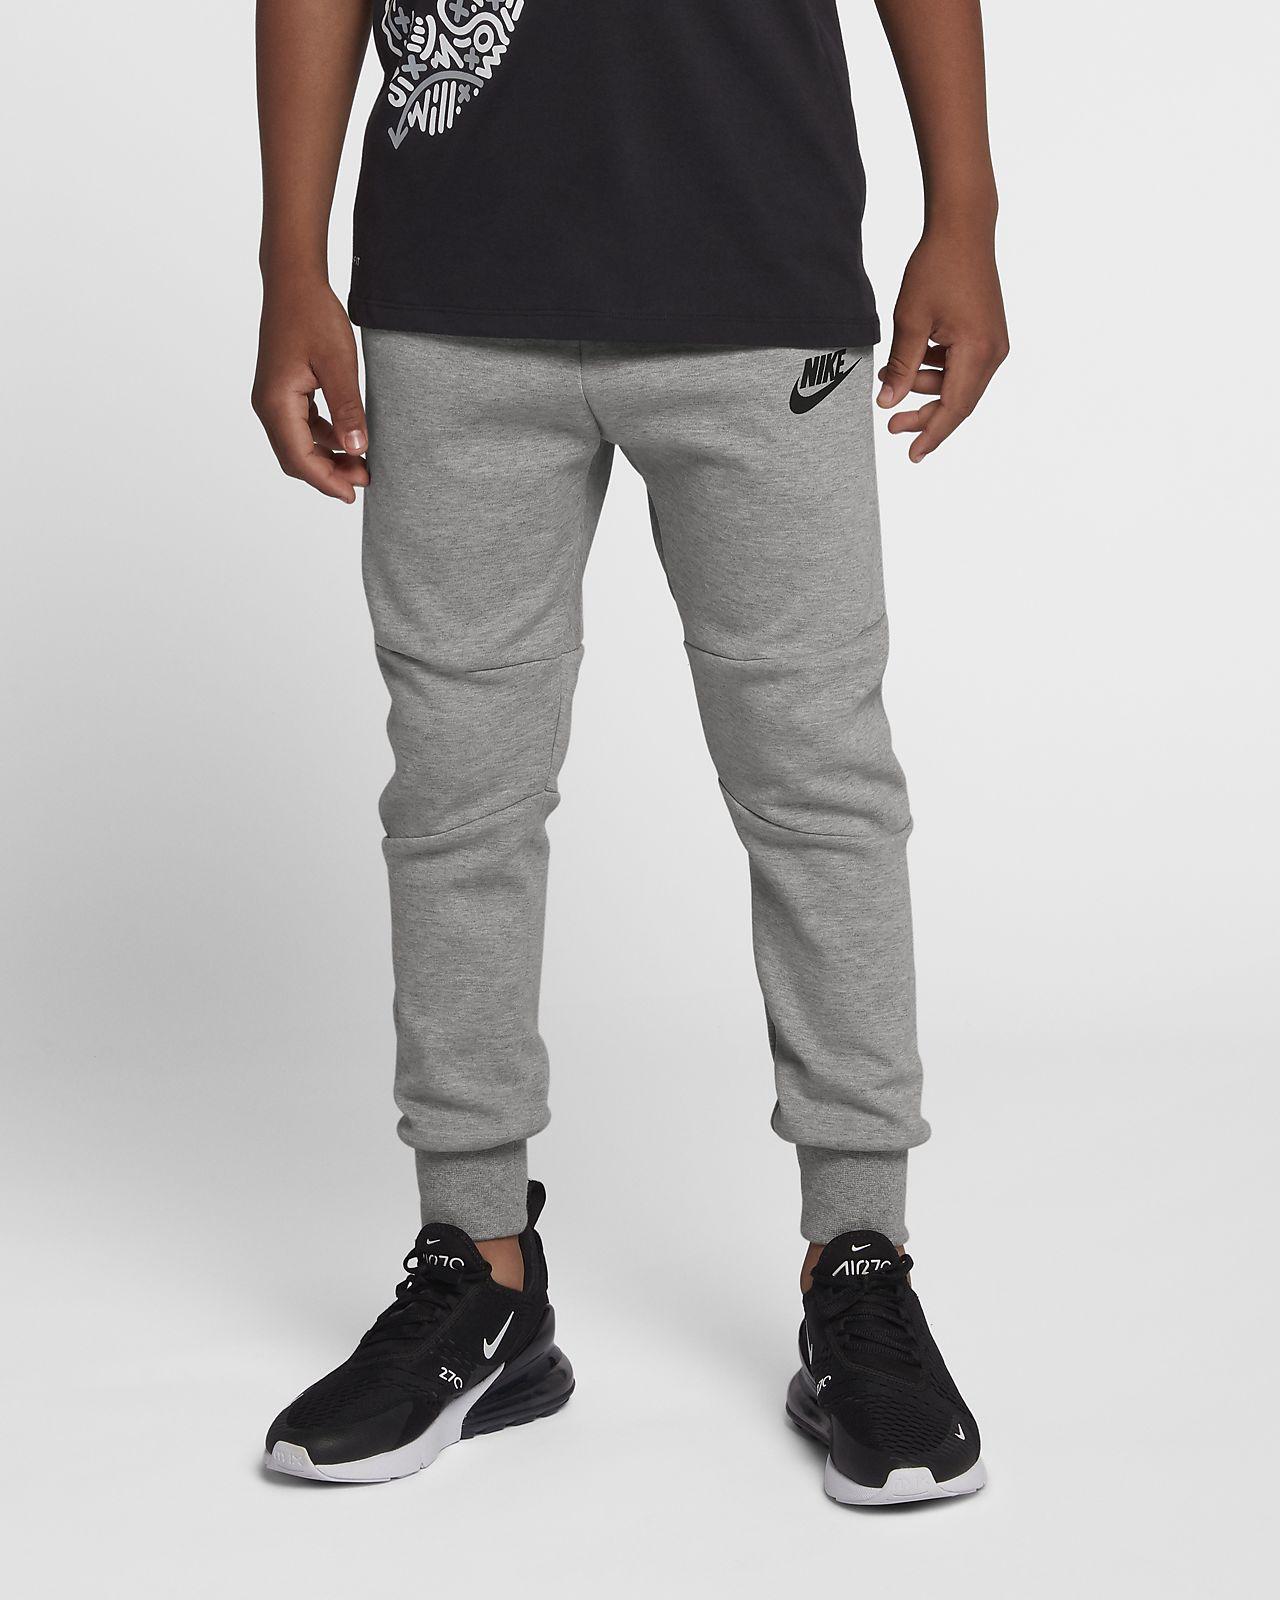 Nike Sportswear Tech Fleece大童(男孩)长裤